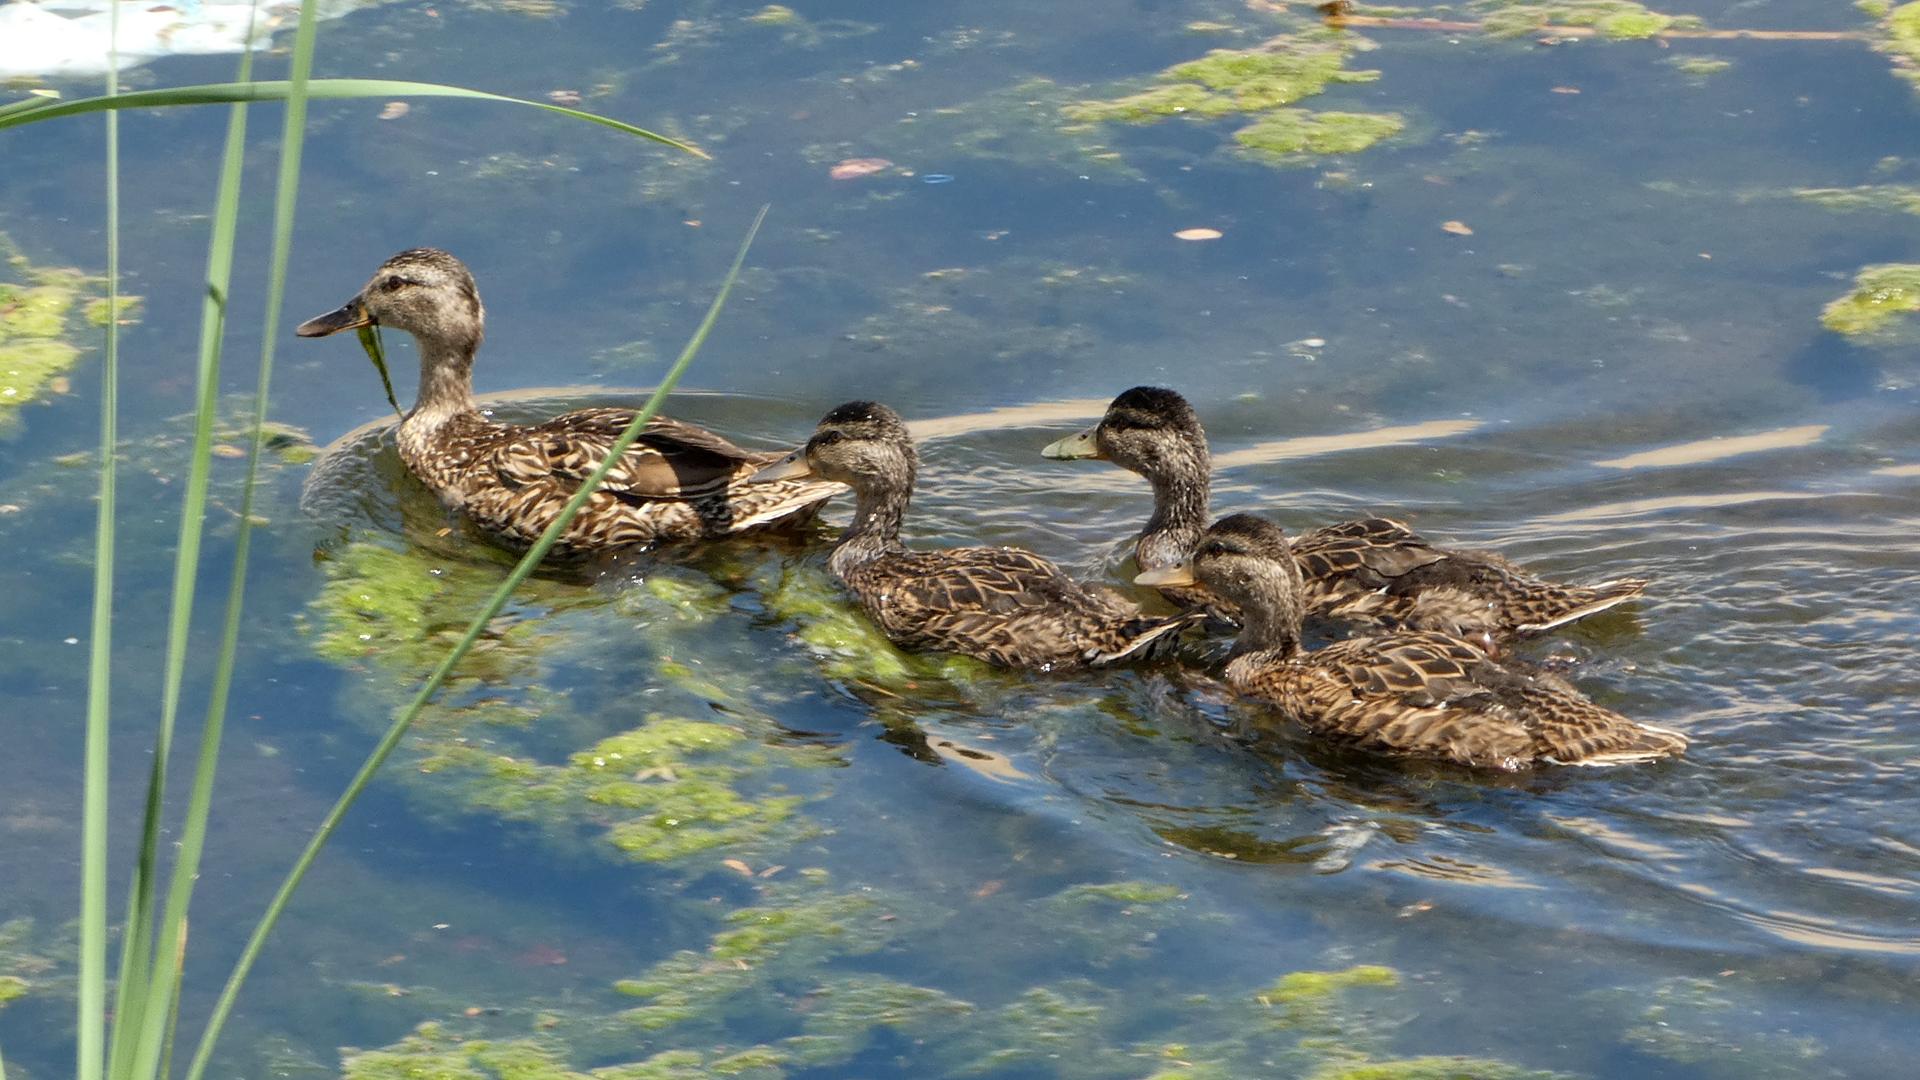 Female with older ducklings, Albuquerque, June 2021